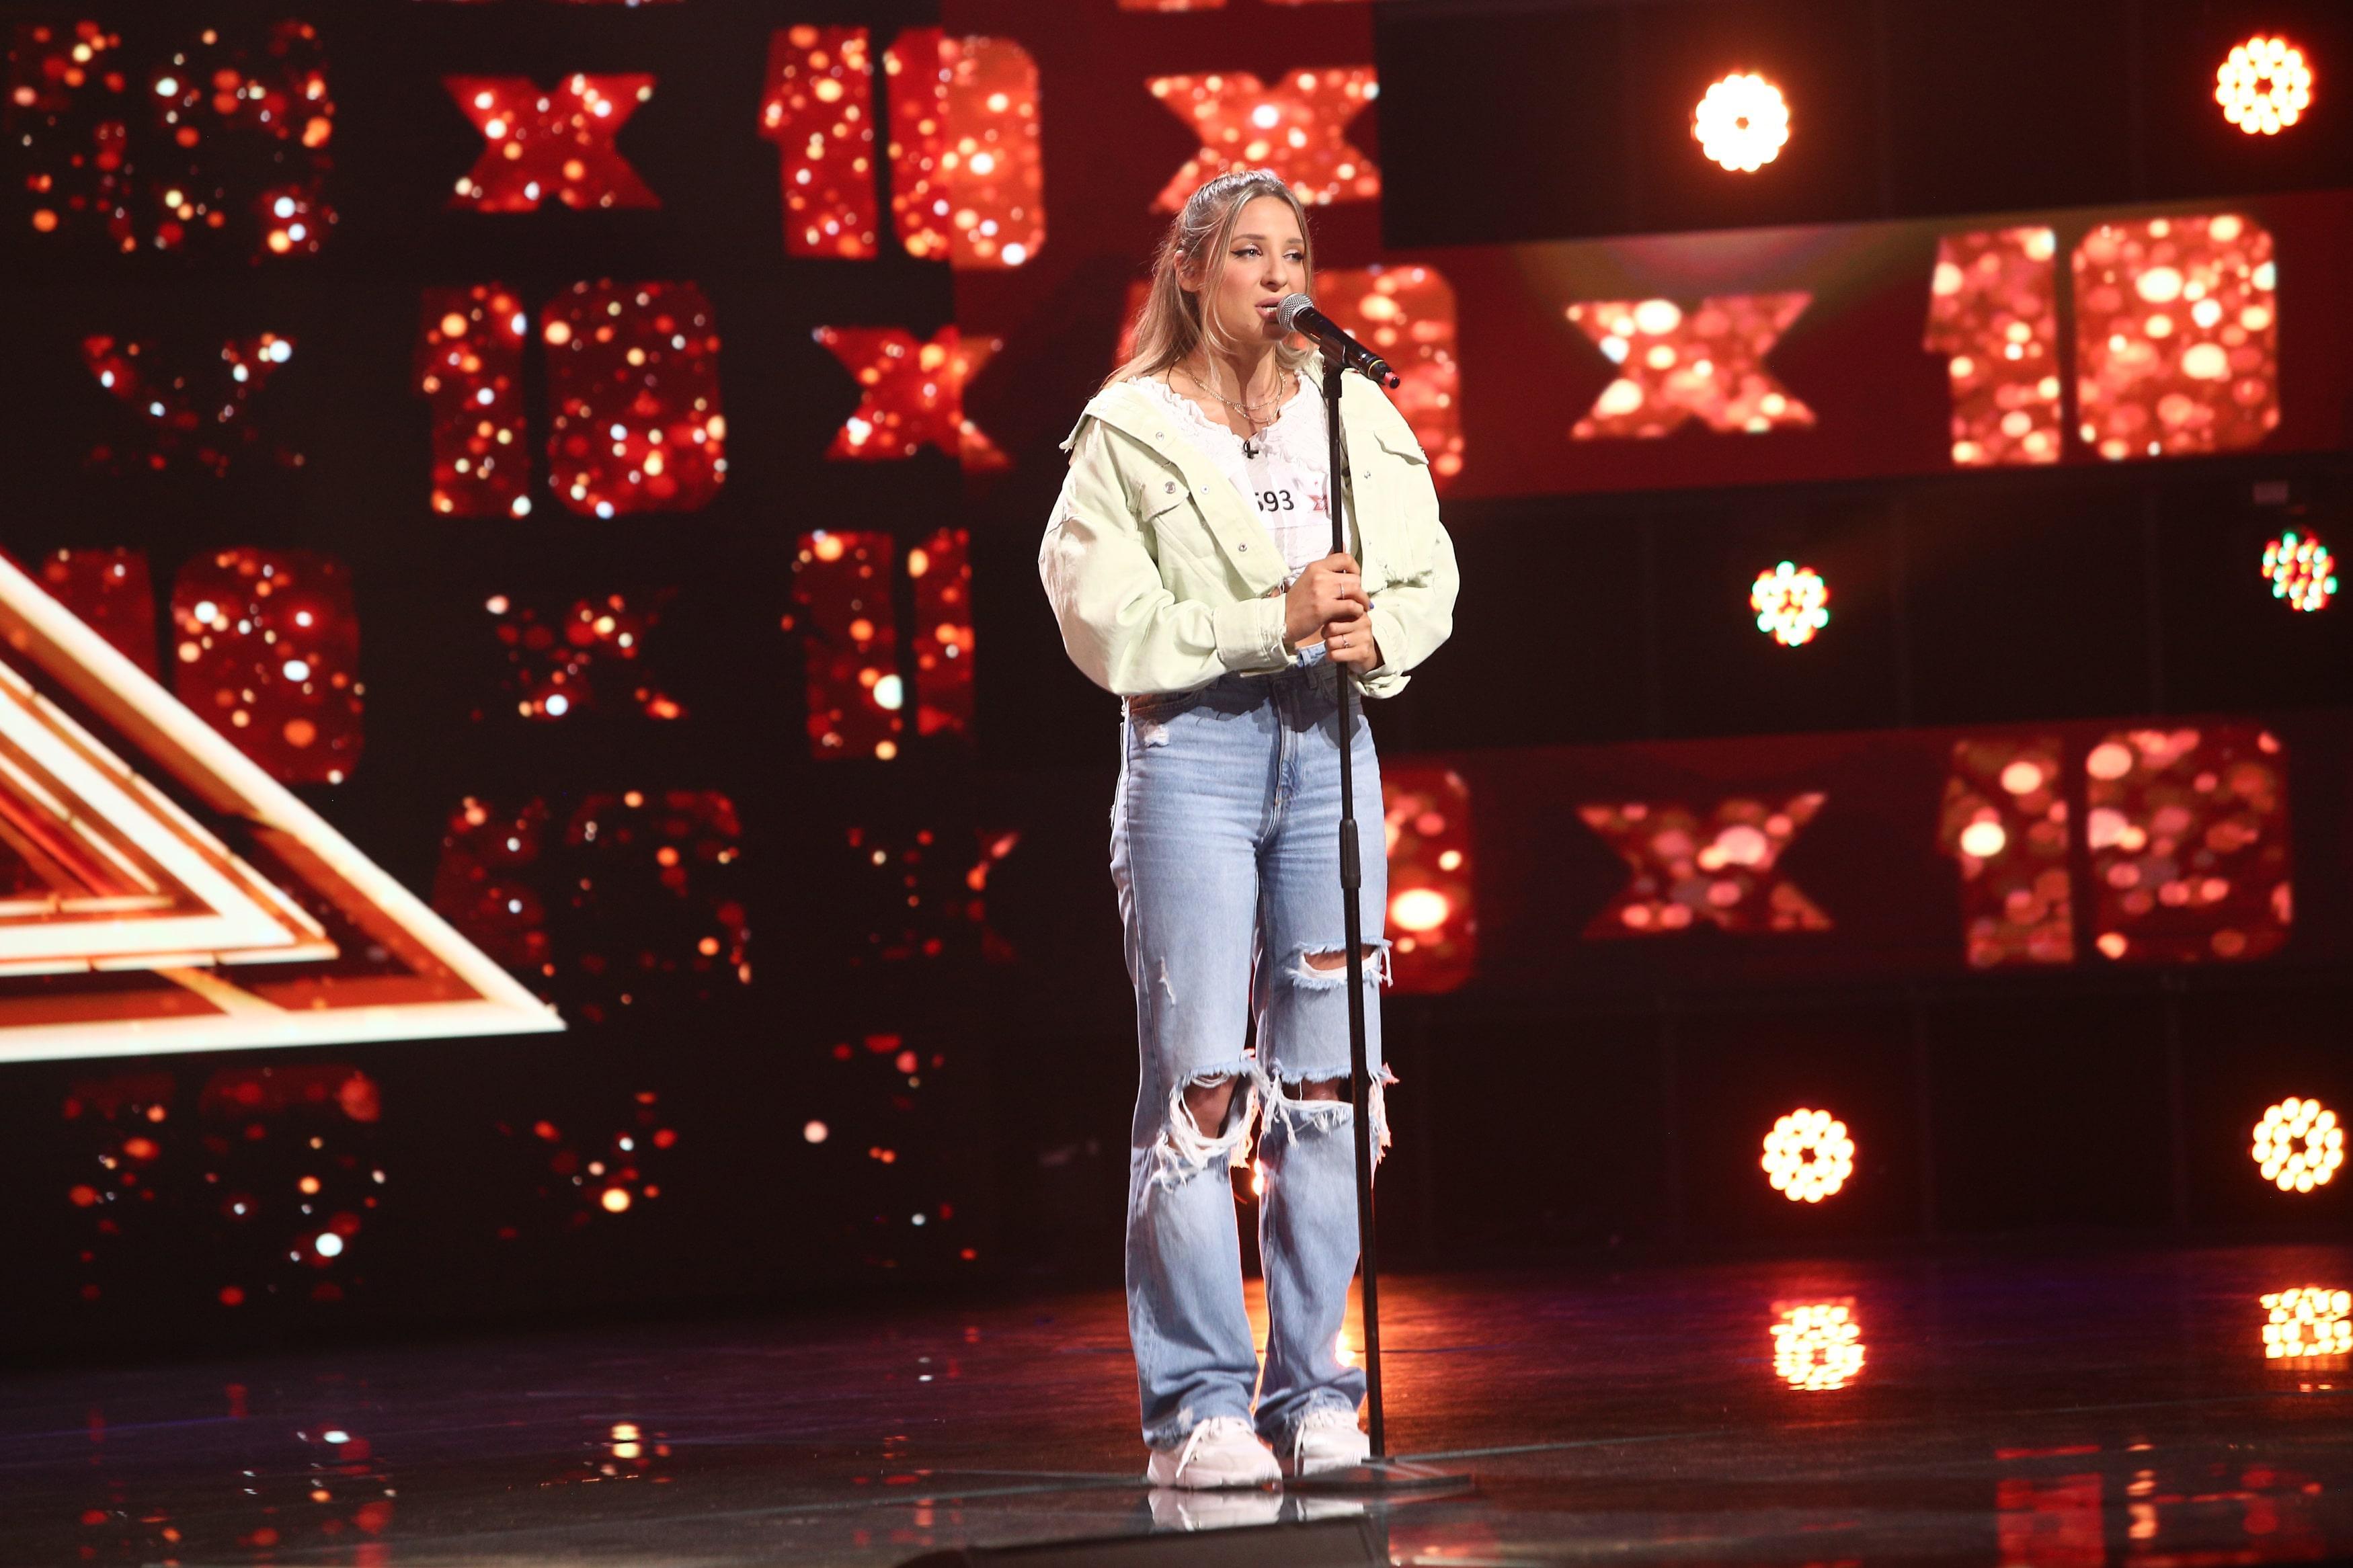 X Factor 2021, 6 septembrie. Raluca Oaida a cântat piesa Figures și i-a impresionat pe jurați cu timbrul său special